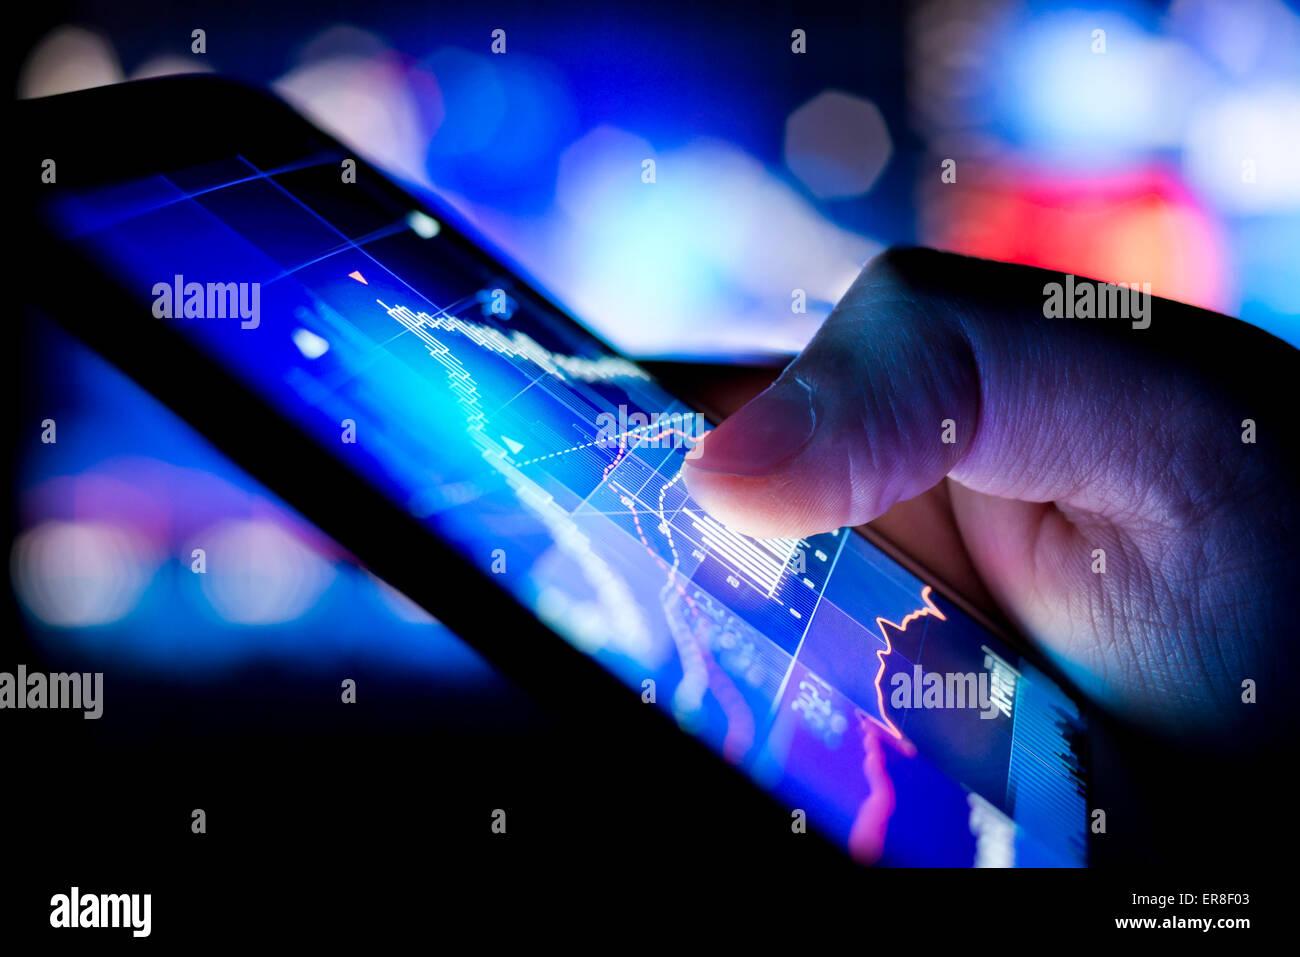 Une personne contrôle les données boursières sur un appareil mobile. Photo Stock